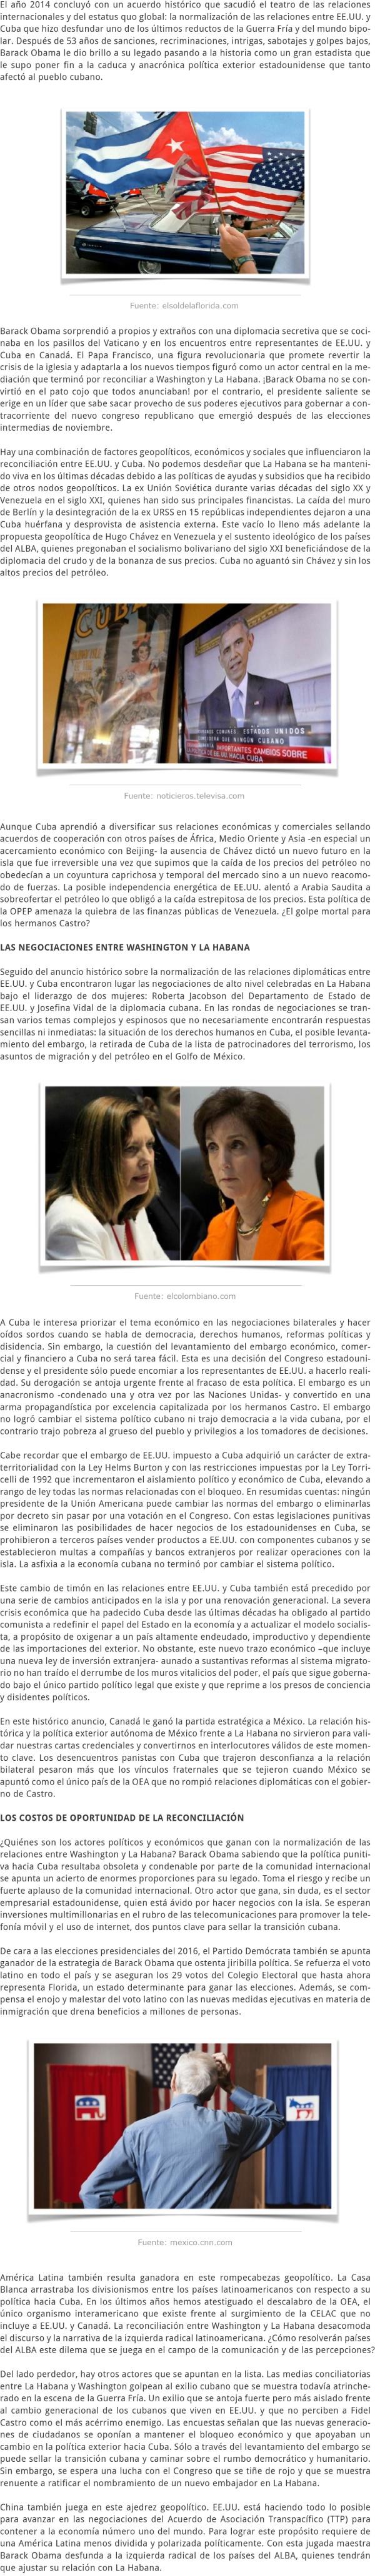 LA RECONCILIACIÓN ENTRE EE.UU. Y CUBA